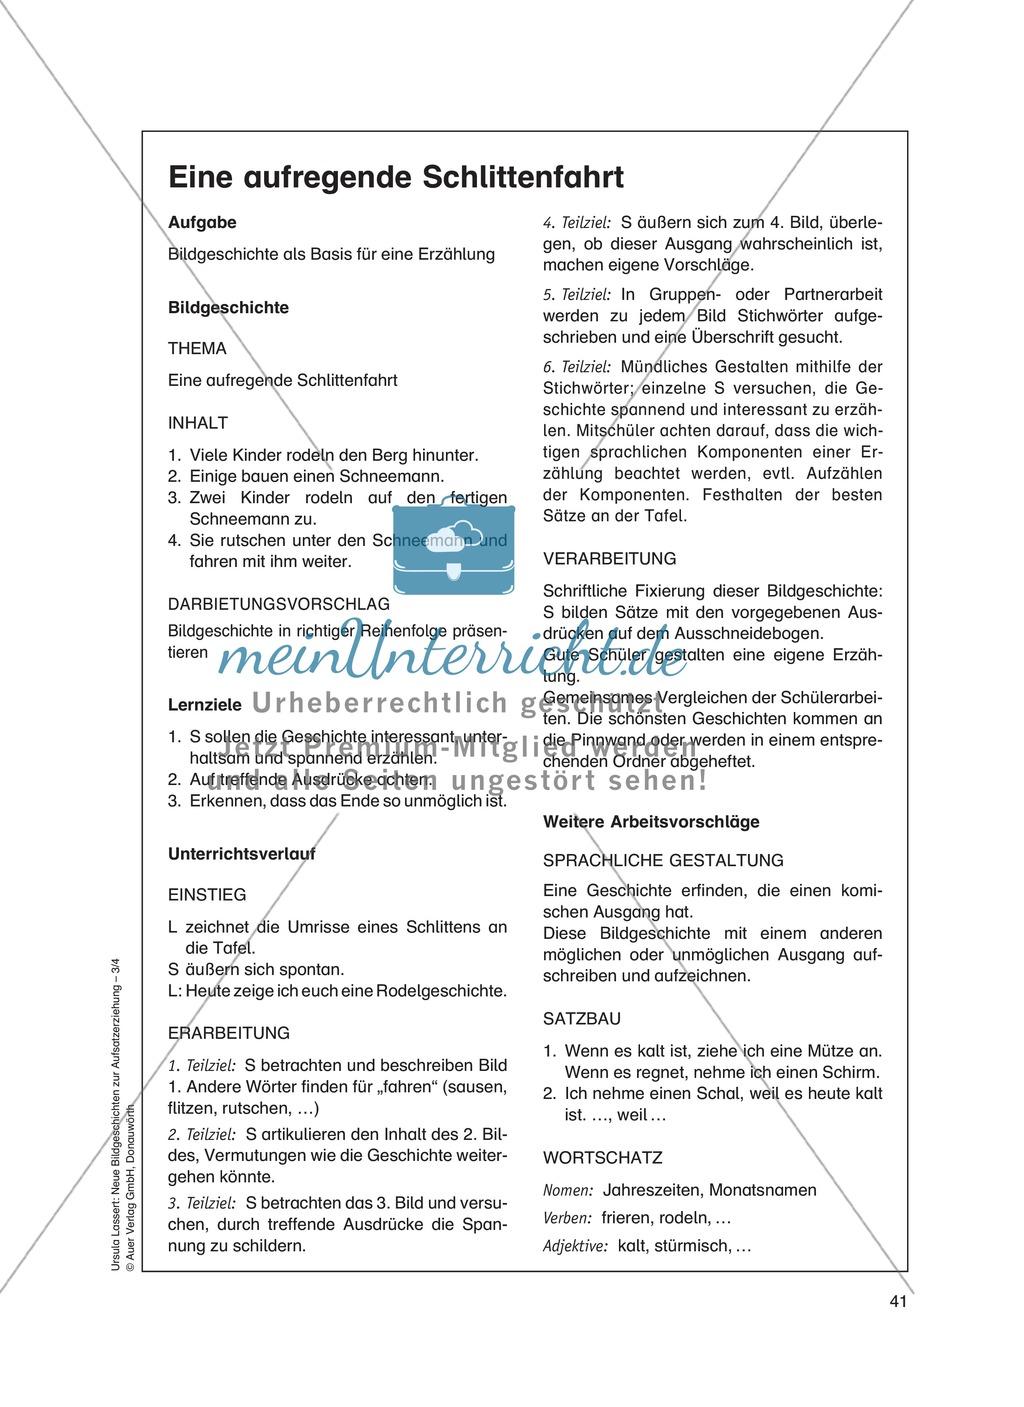 Schön Khan Mathe Arbeitsblatt Ideen - Mathe Arbeitsblatt - urederra.info